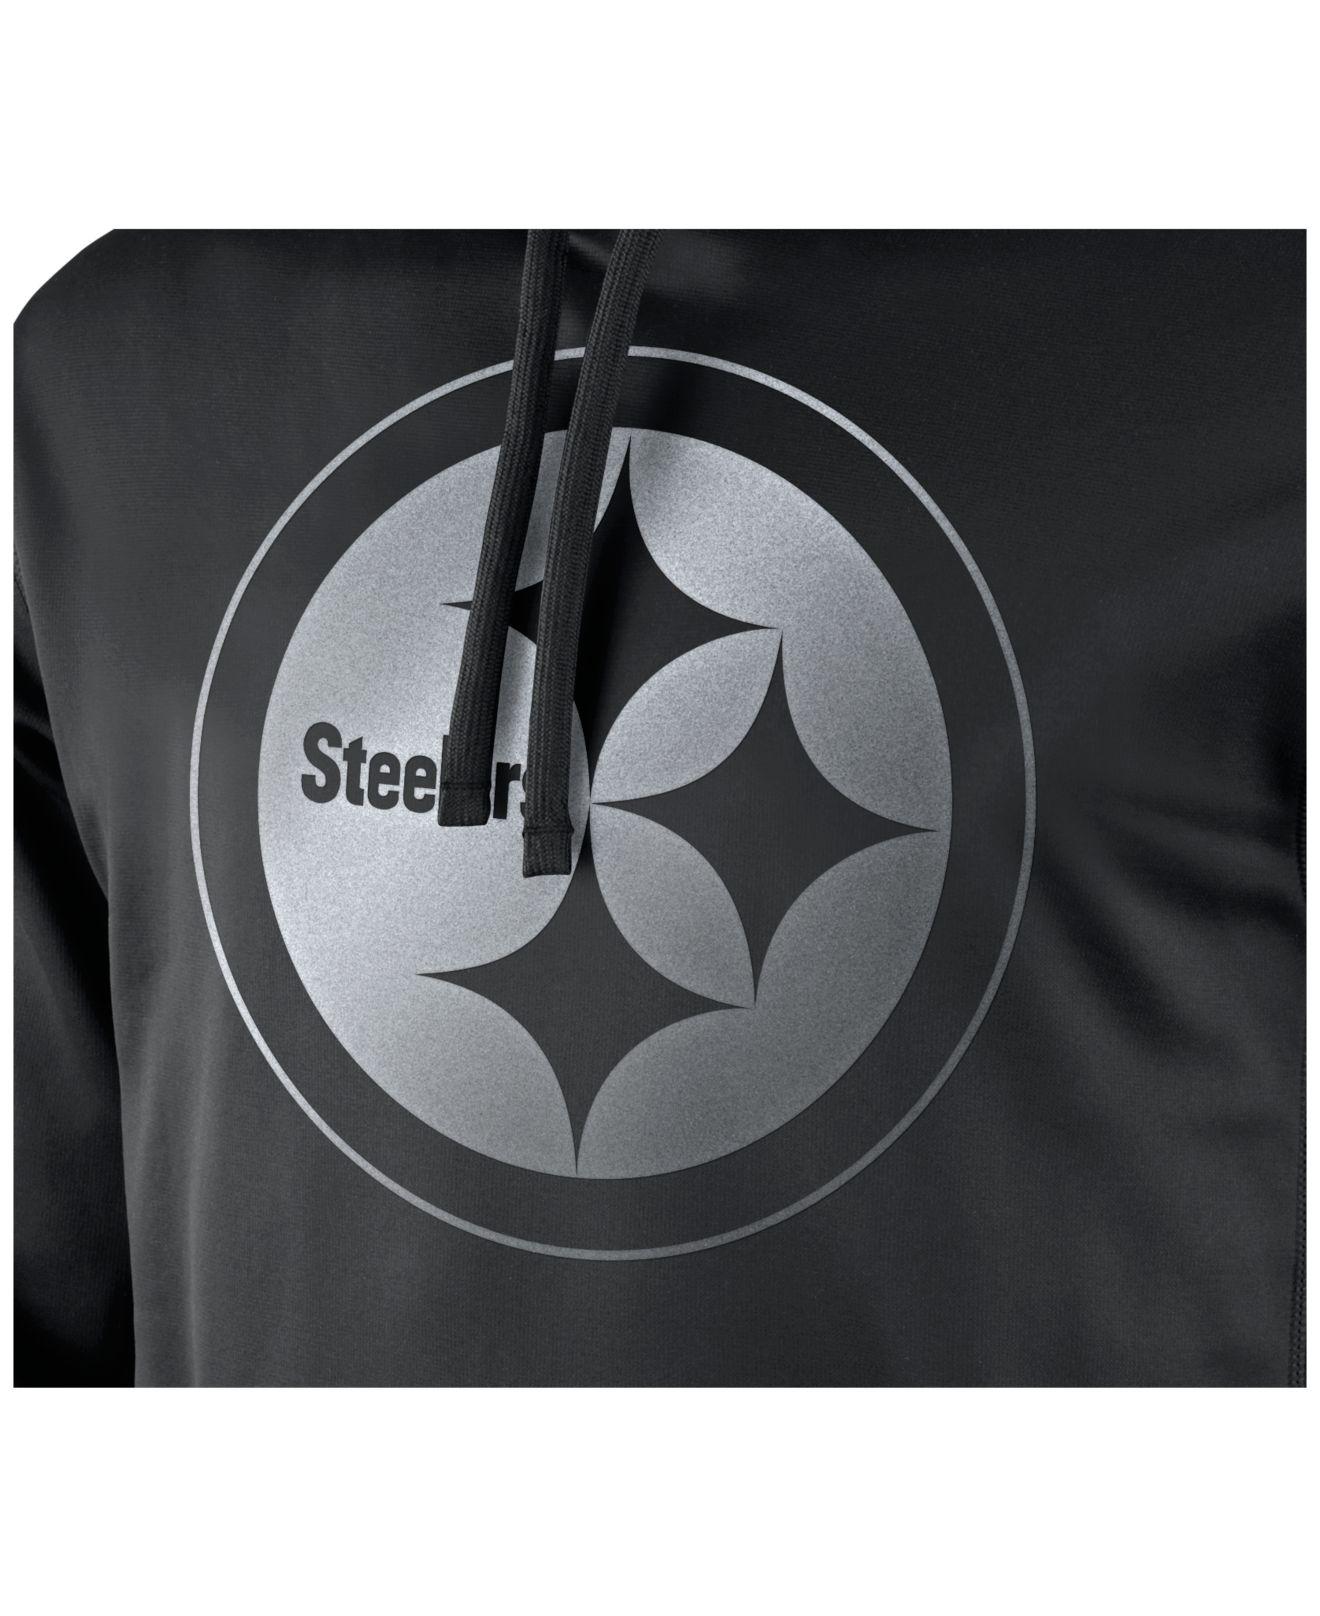 Lyst - Nike Men S Pittsburgh Steelers Reflective Ko Hoodie in Black ... 9da9c766f